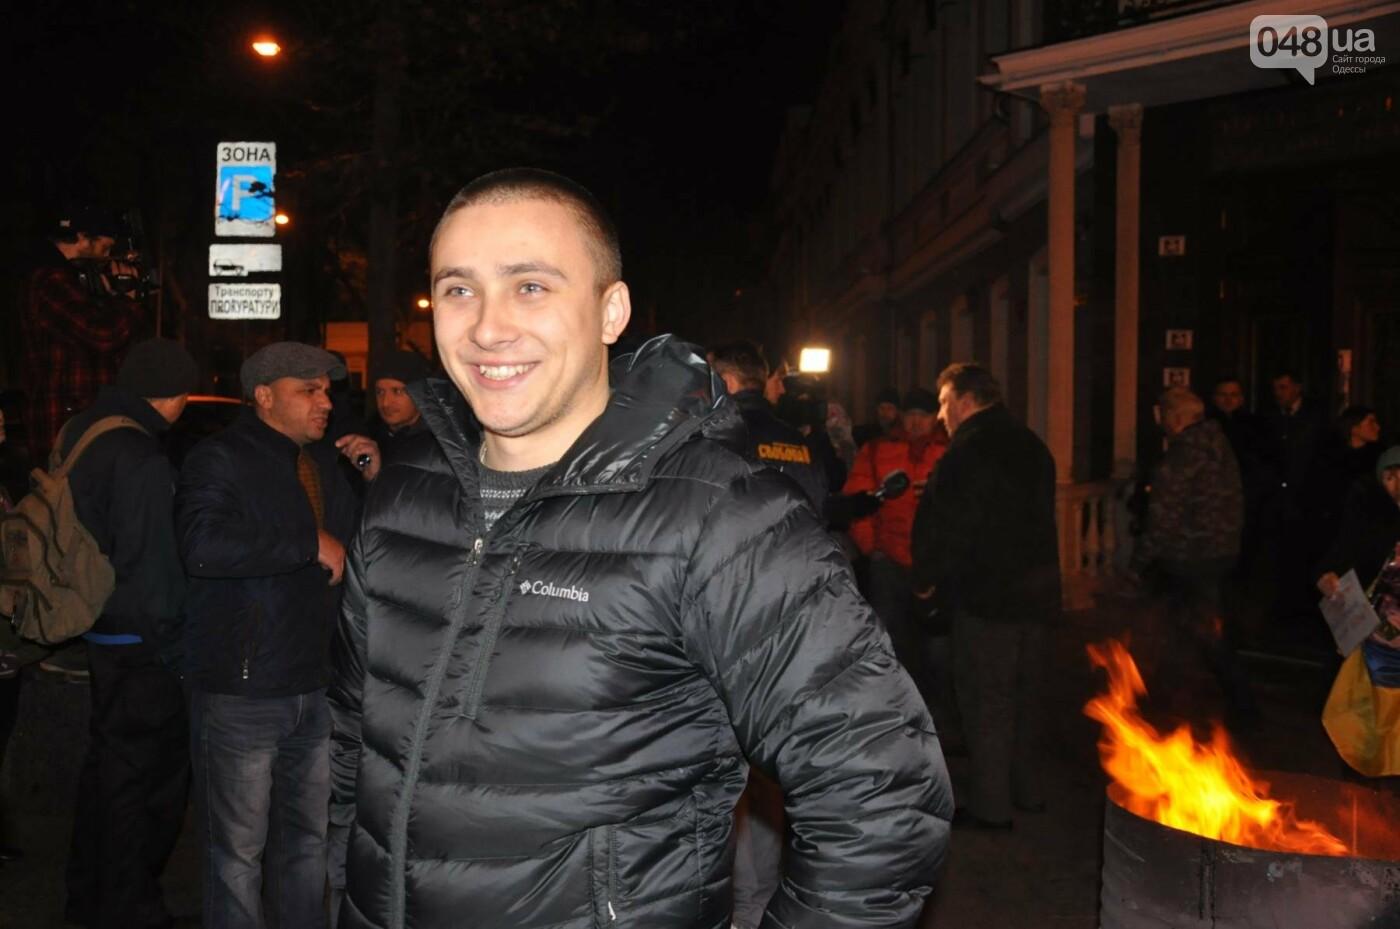 Сергей Стерненко сразу после освобождения приехал под одесскую прокуратуру (ФОТО, ВИДЕО), фото-3